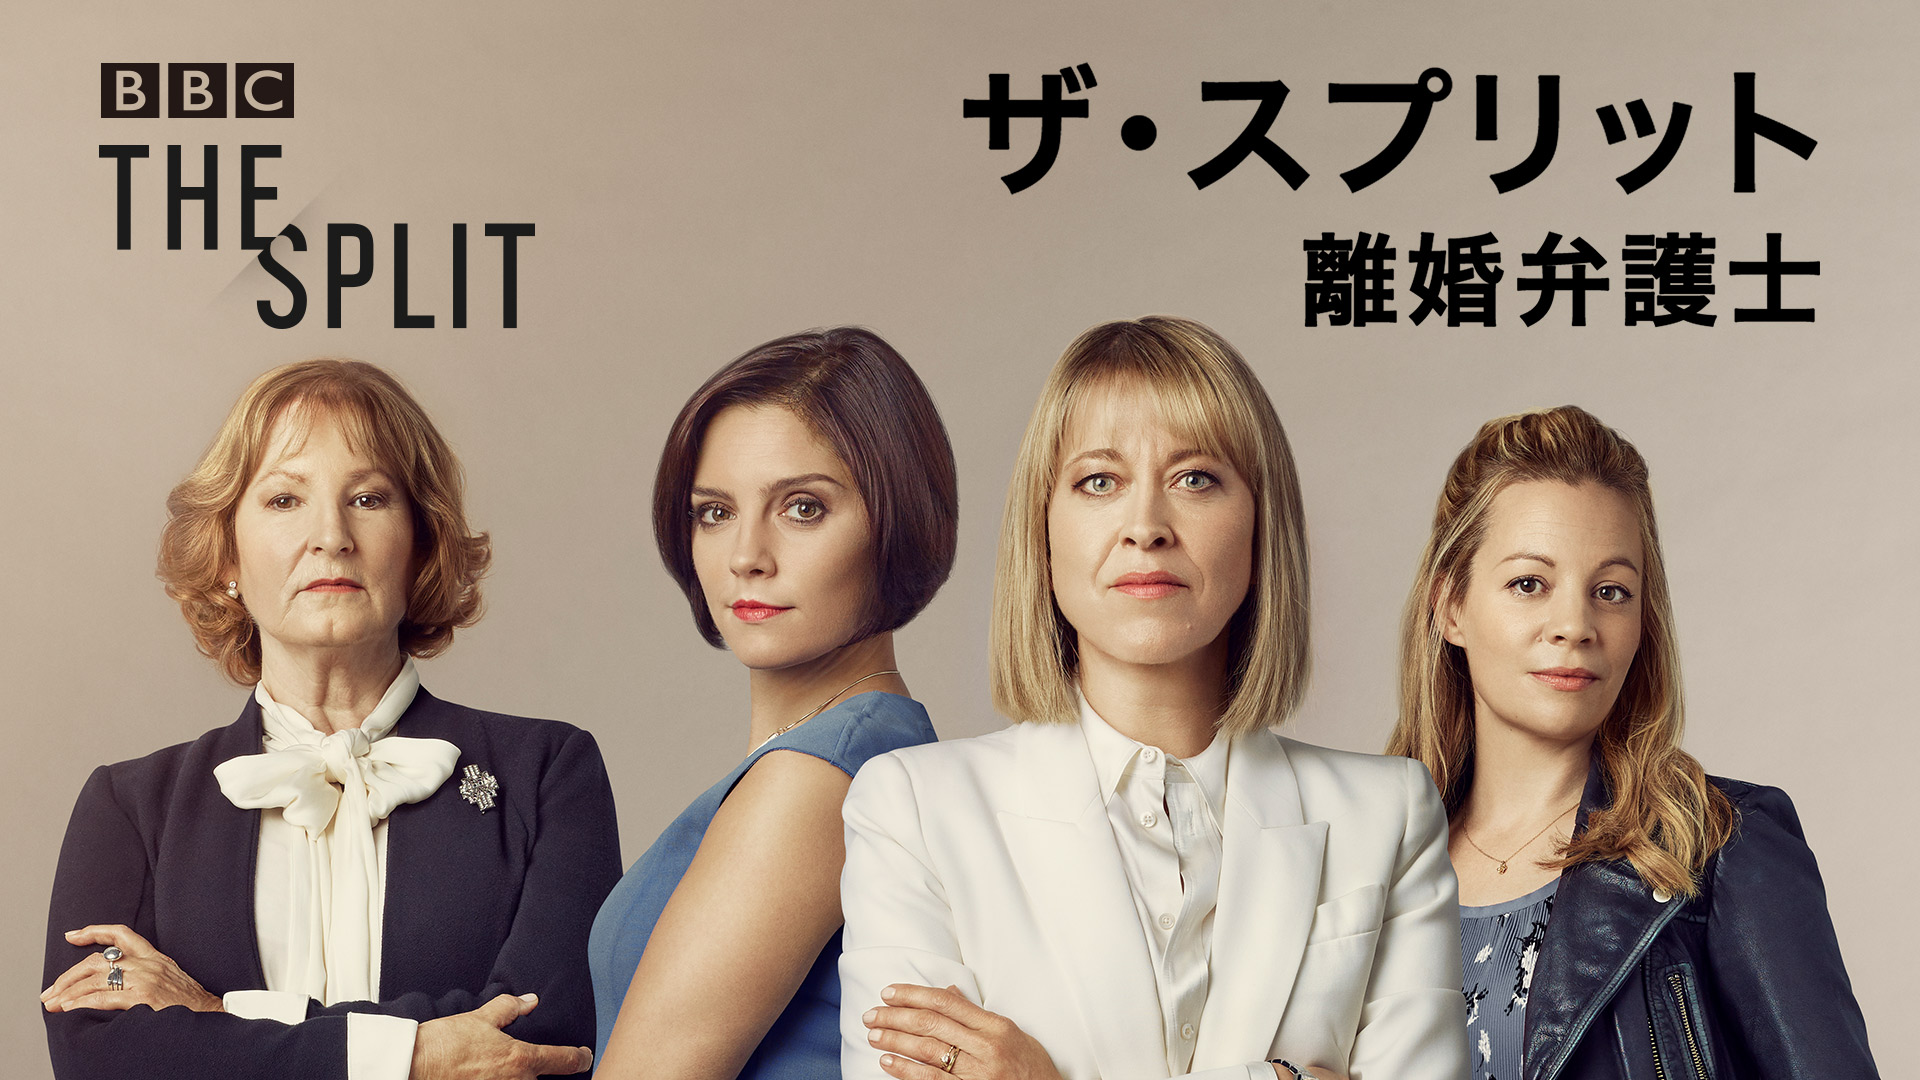 ザ・スプリット 離婚弁護士(字幕版)